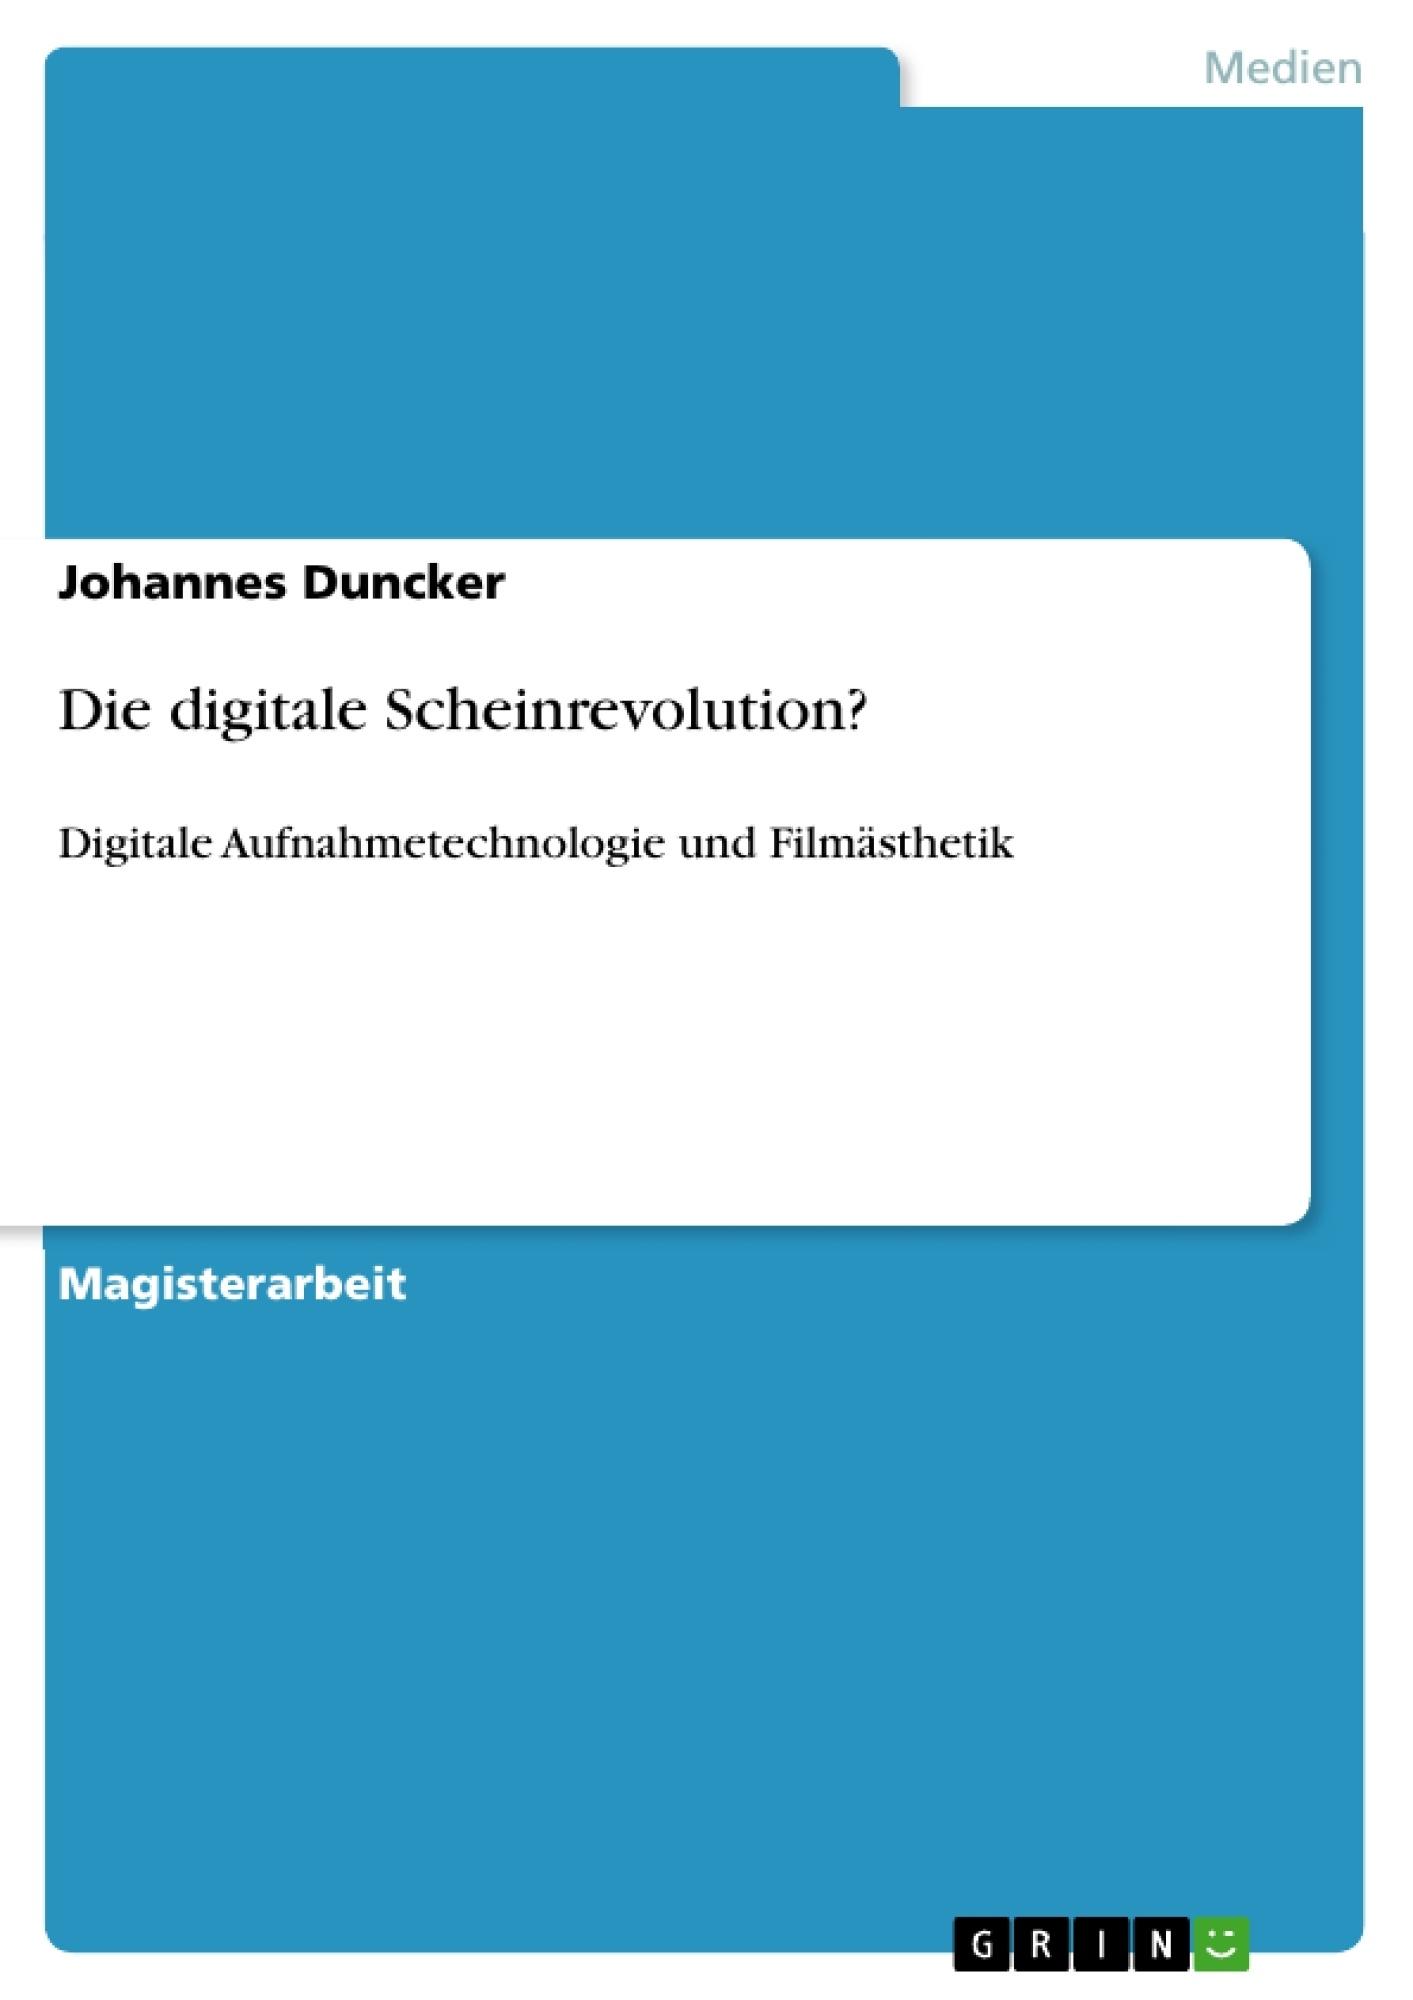 Titel: Die digitale Scheinrevolution?